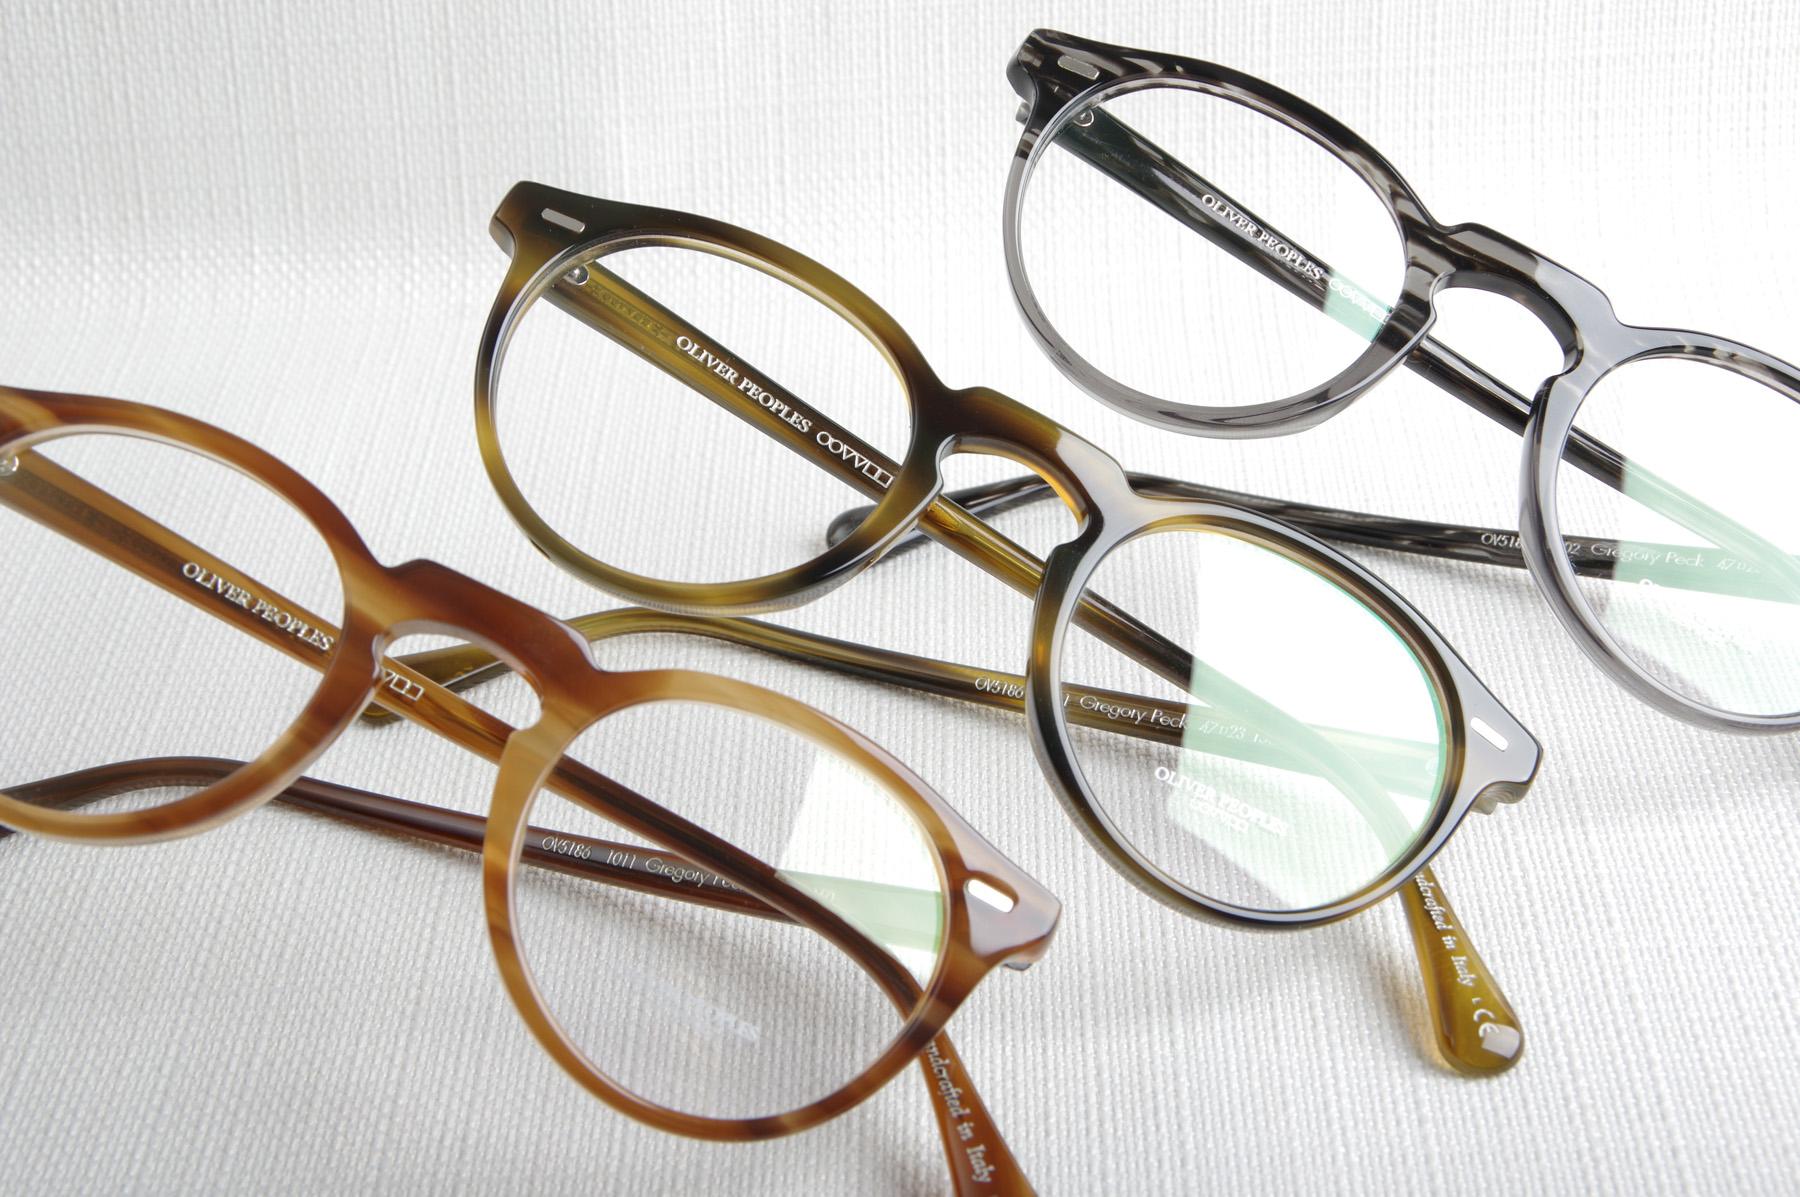 Lunettes de vue GREGORY PECK de la marque OLIVER PEOPLES - Opticien ... d00ca3eeb8b6